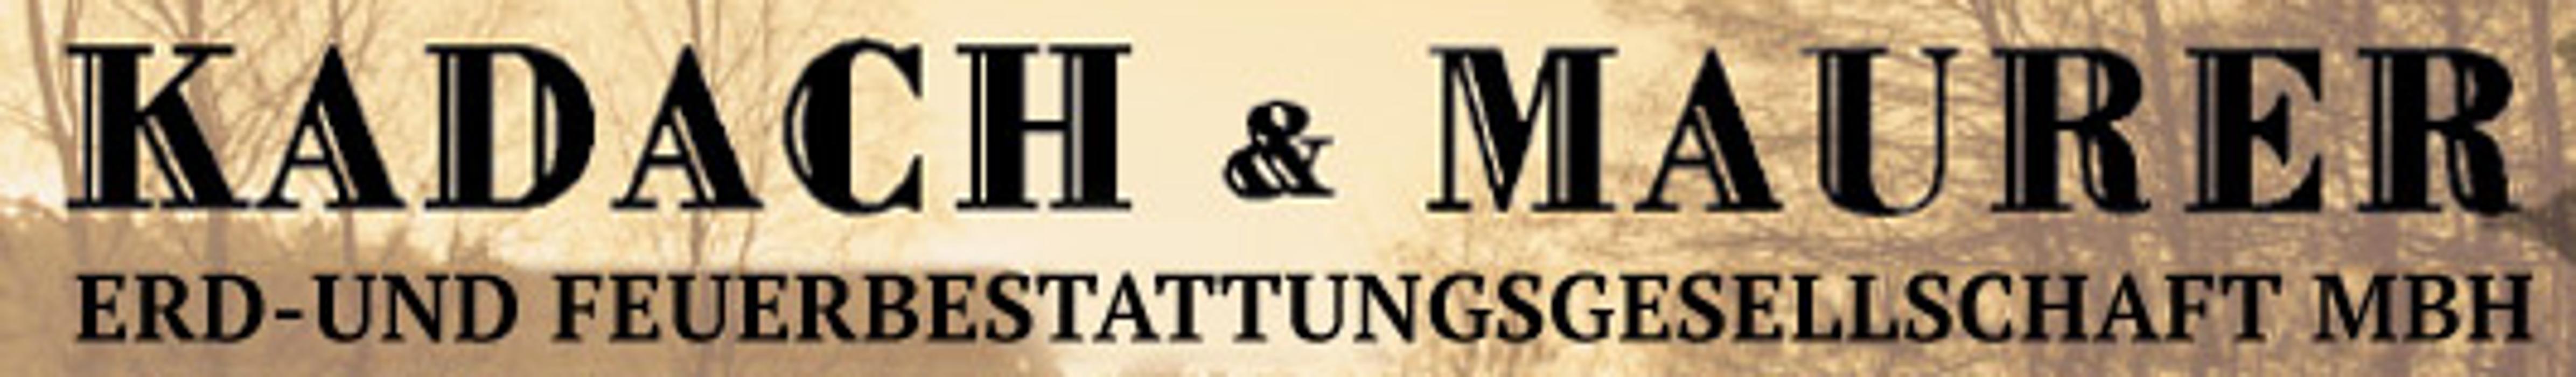 Bild zu Kadach & Maurer Erd- und Feuerbestattungsgesellschaft mbH in Berlin